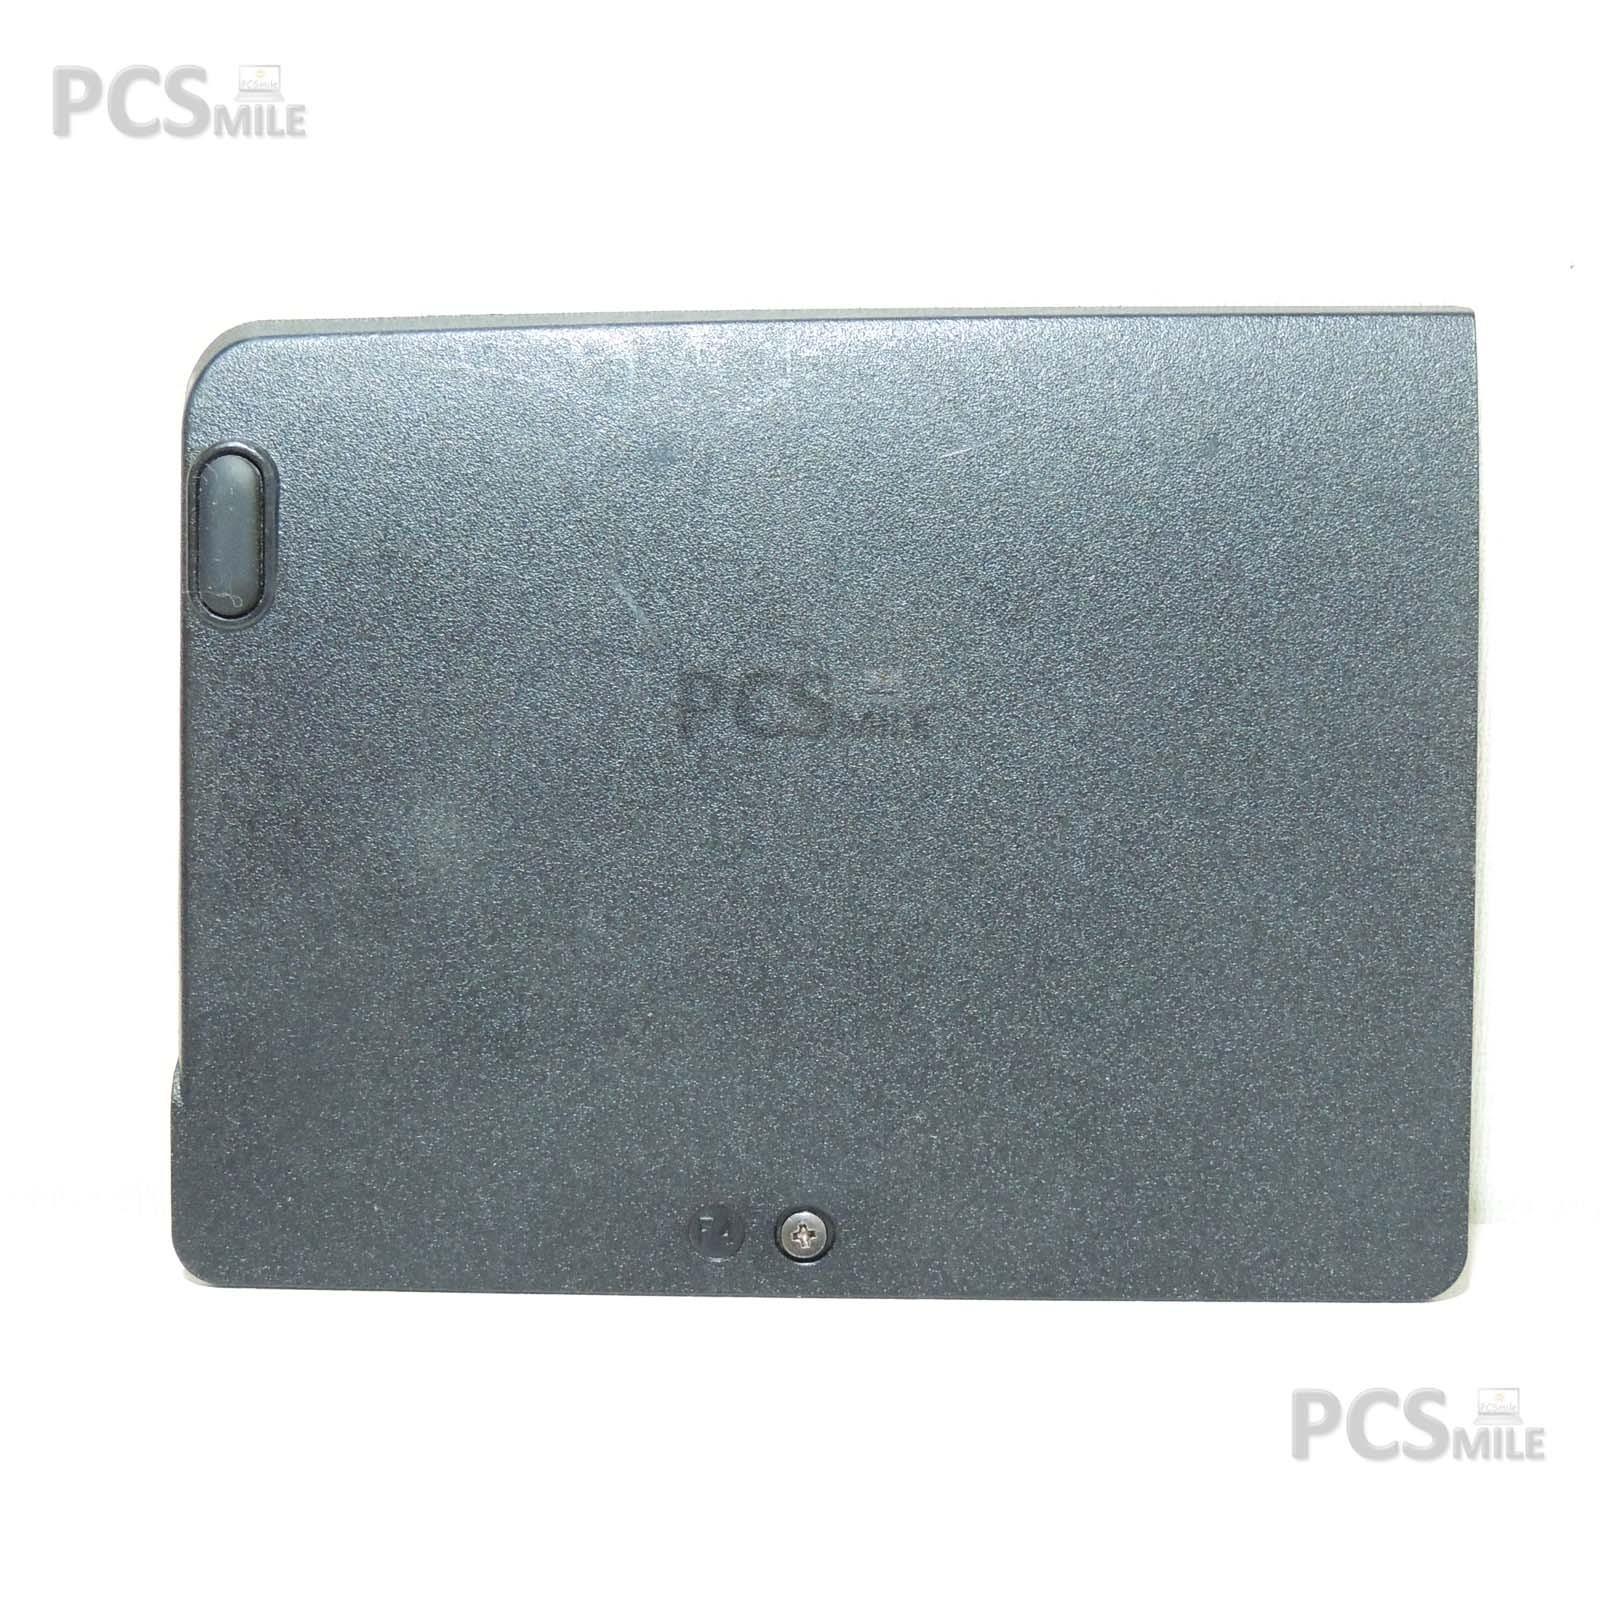 Sportellino hard disk 2 coperchio HD Toshiba Satellite A300 B0248601S1008901C